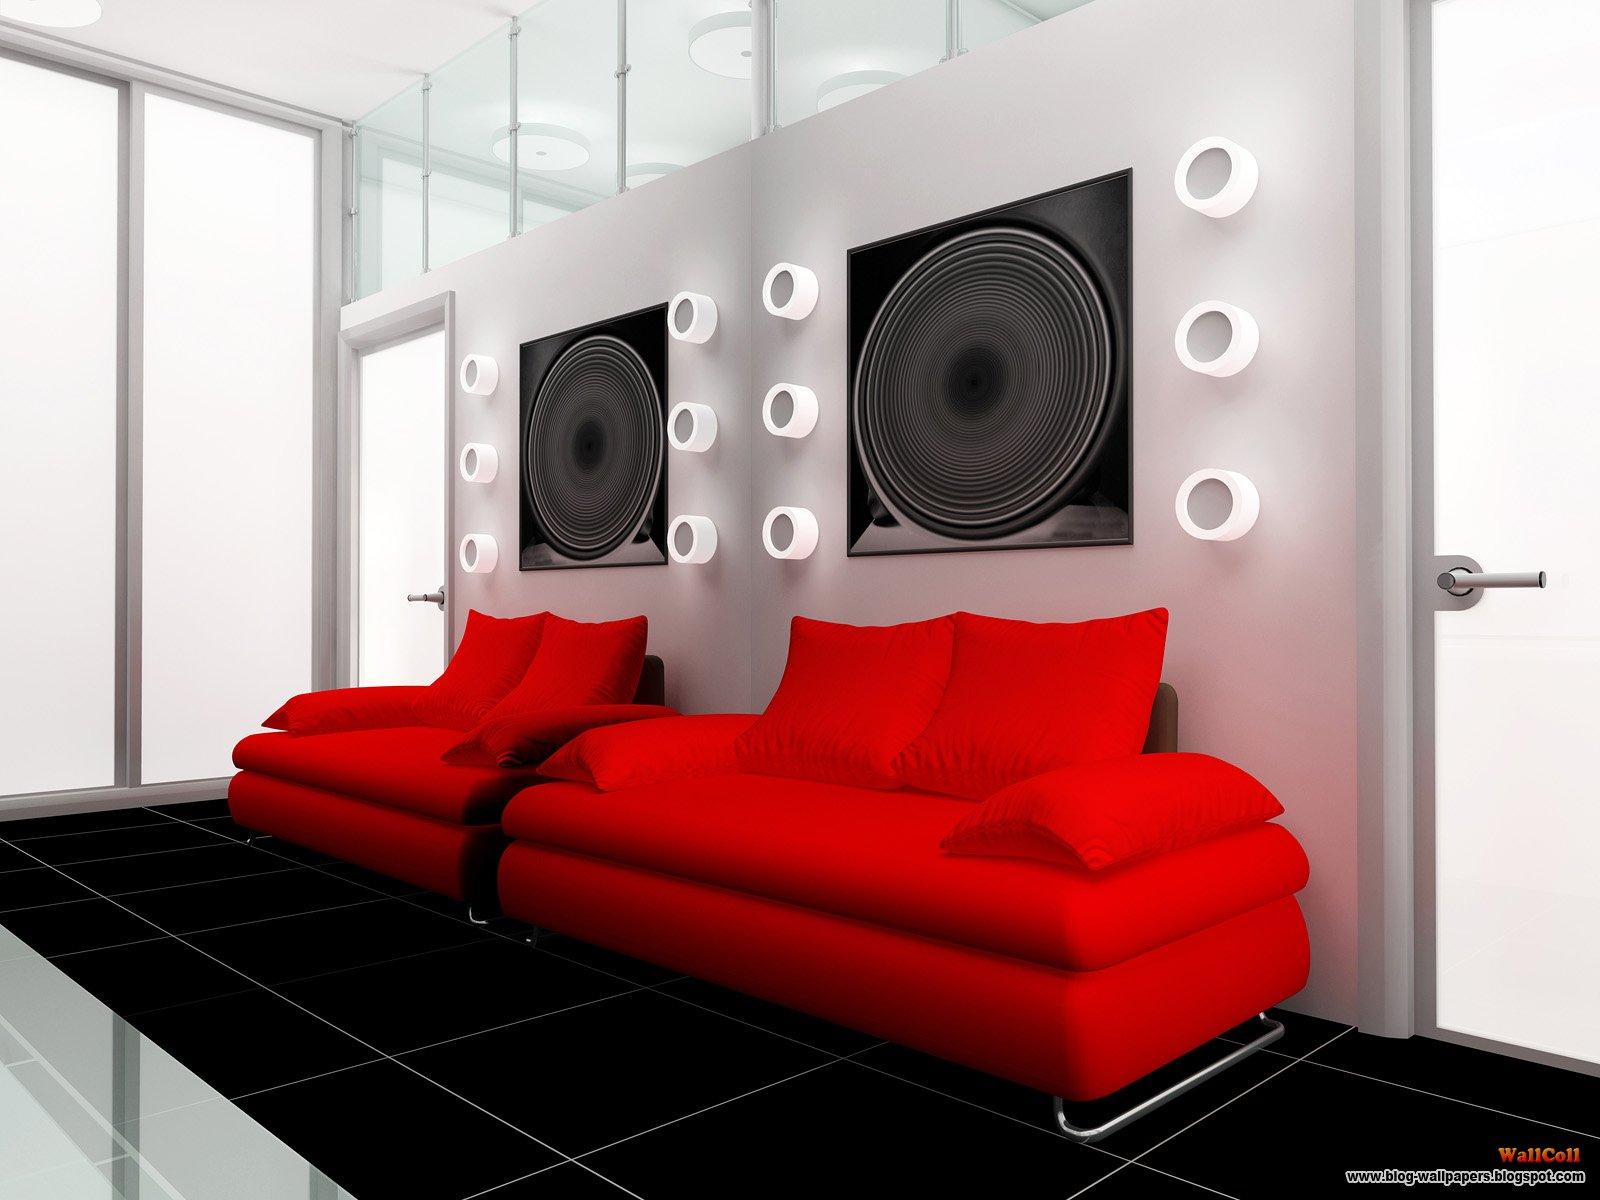 Dise o de interiores arquitectura continuaci n taringa - Diseno de interiores modernos ...